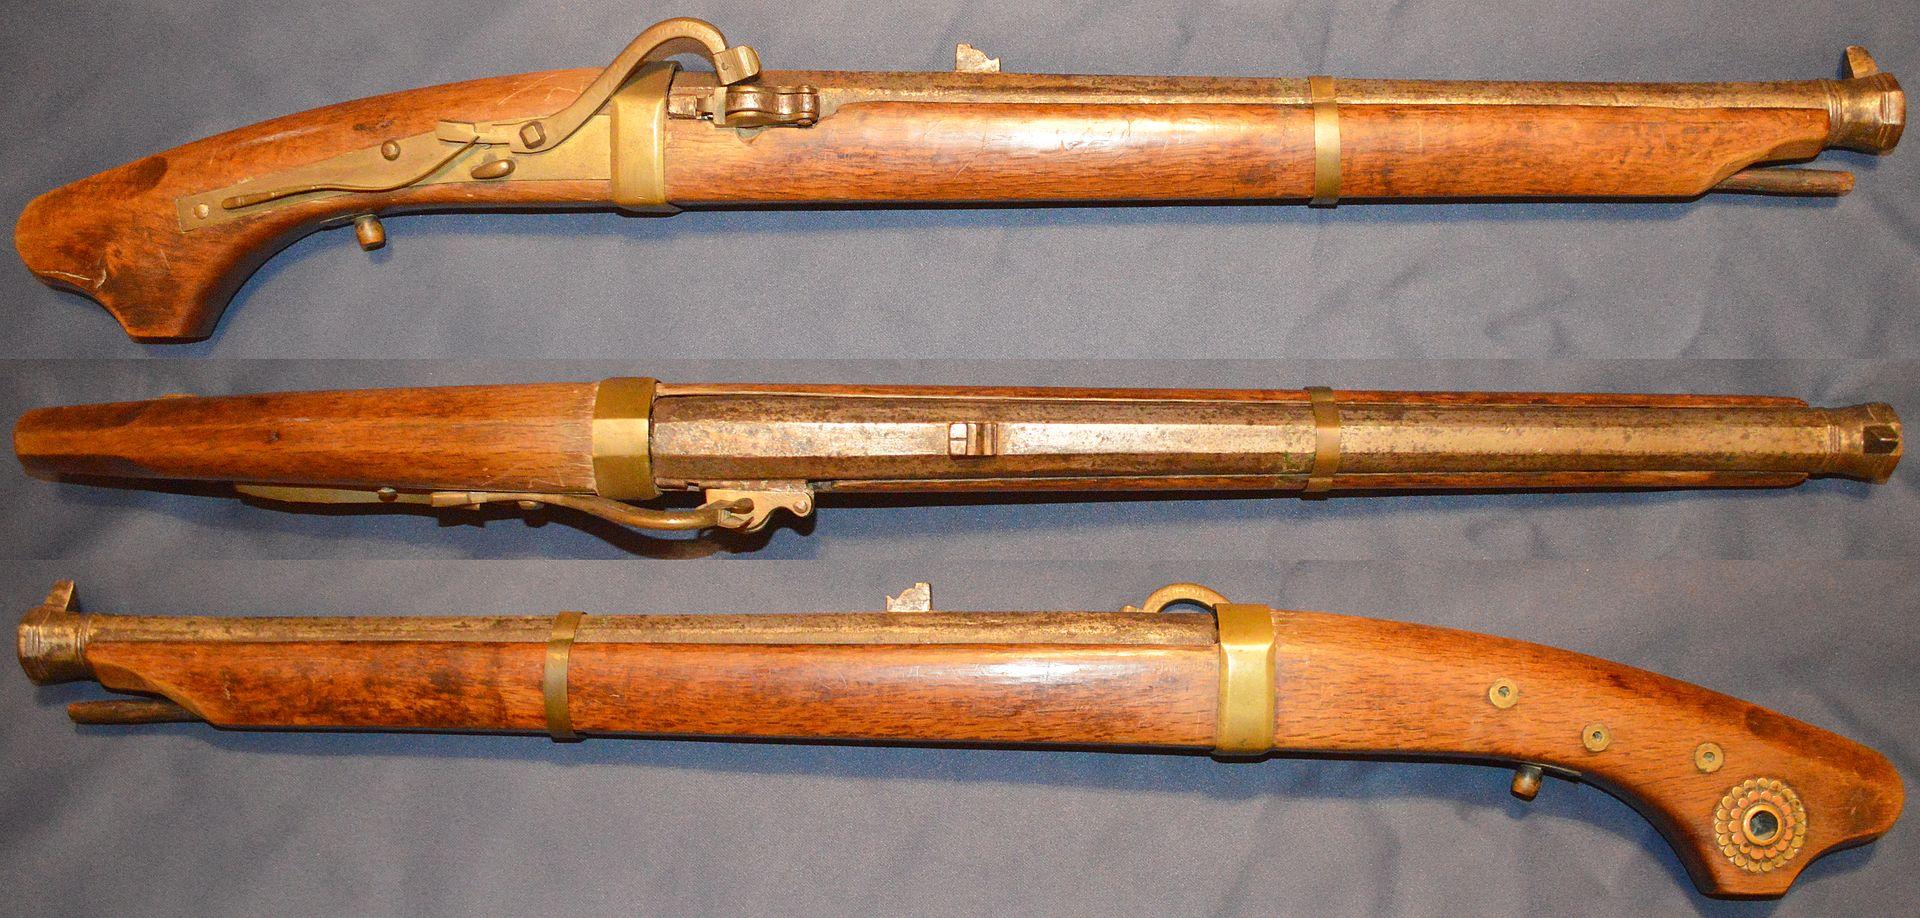 тэппо танегасима какаэ-дзутсу бодзе-дзутсу японские мушкеты огнестрел аркебузы самураи отвратительные мужики disusting men japan matchlock weapon